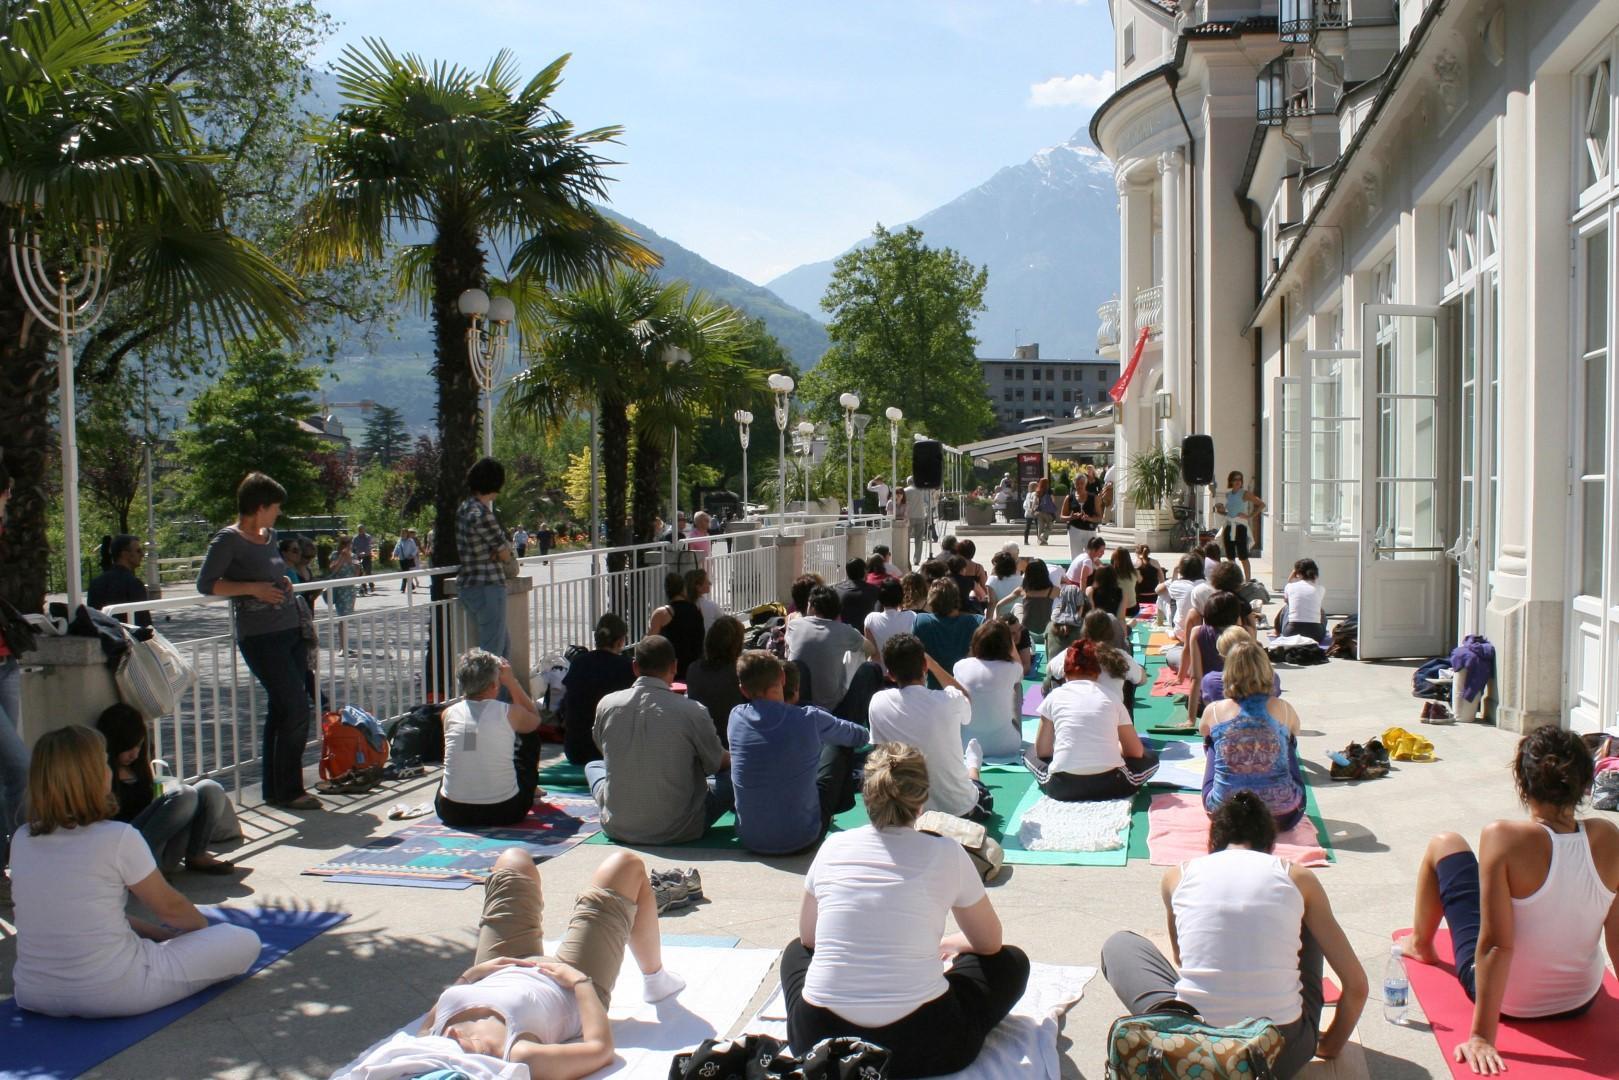 La salute innanzitutto: meeting yoga a Merano